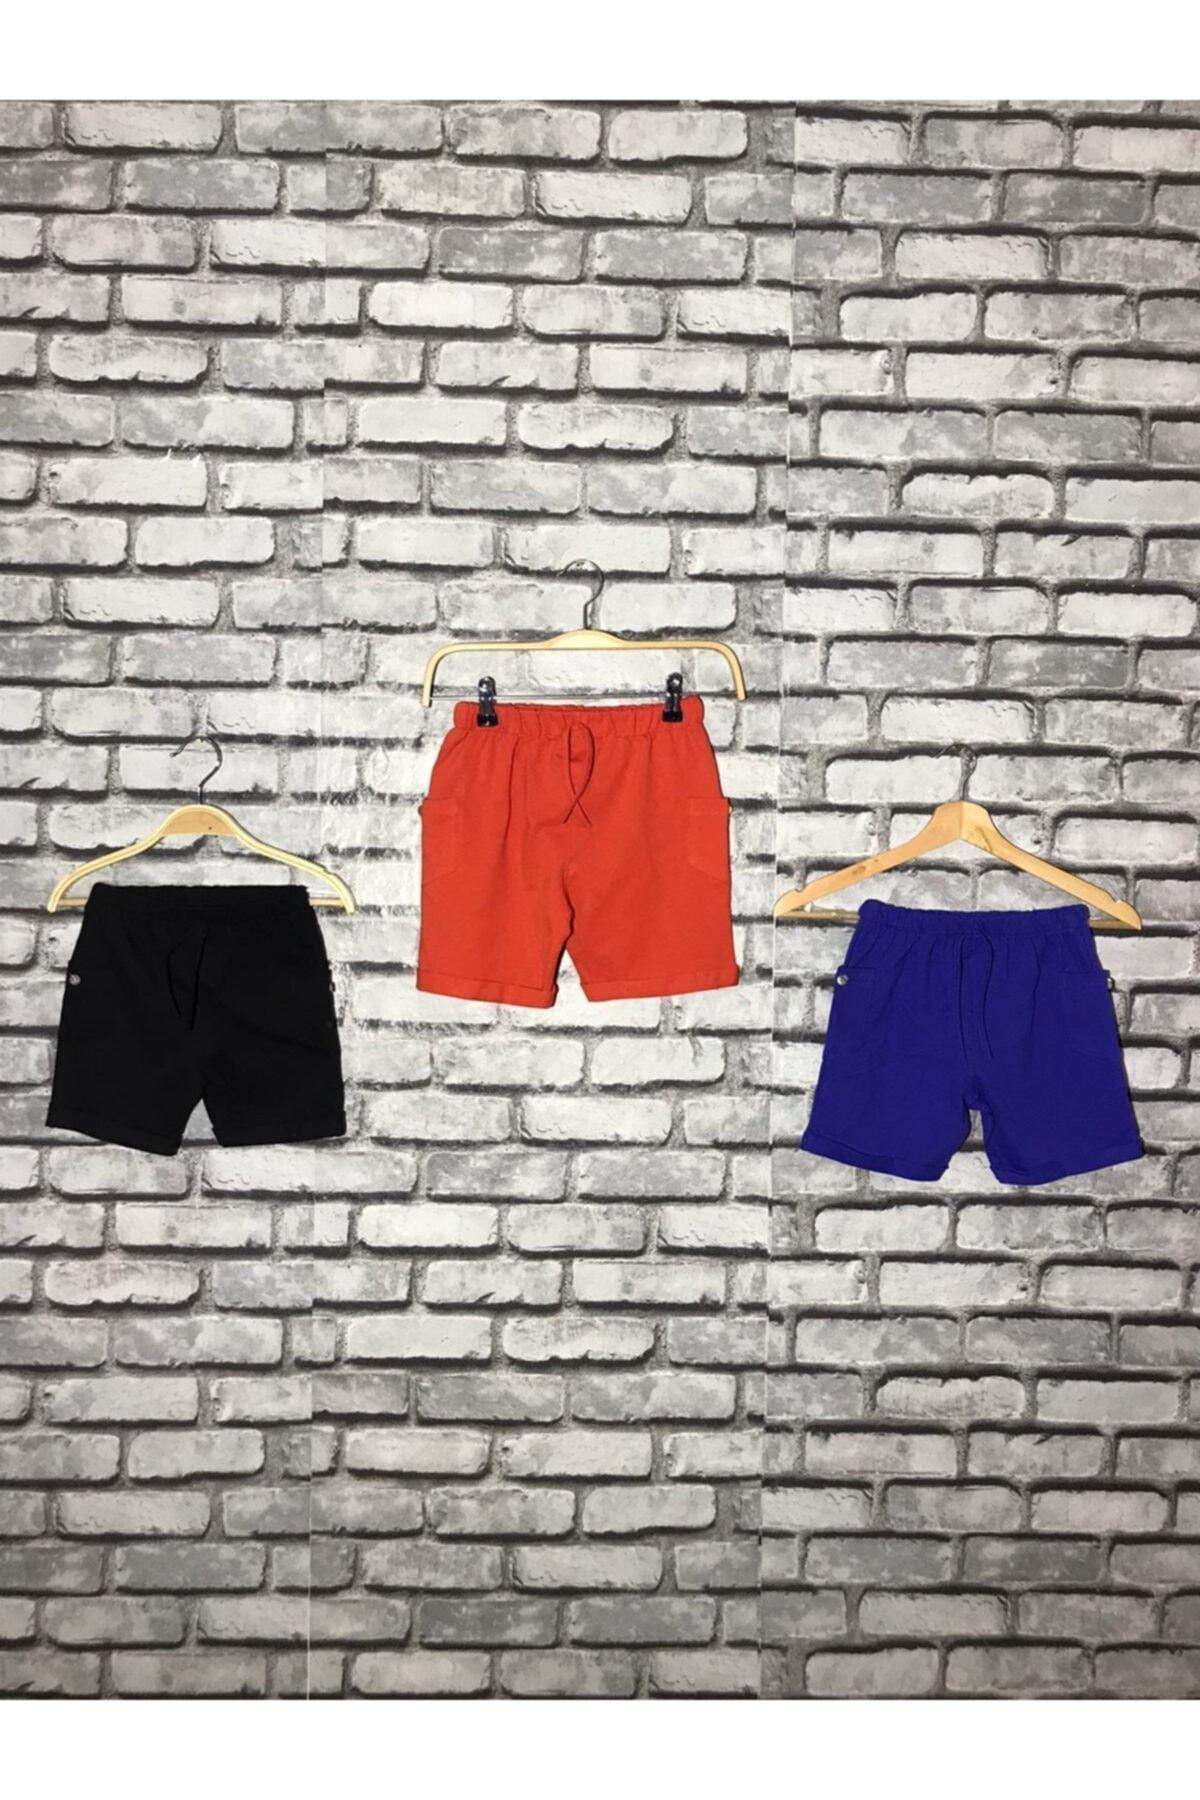 شلوارک پسرانه ترک برند twins tailors رنگ مشکی کد ty112467237